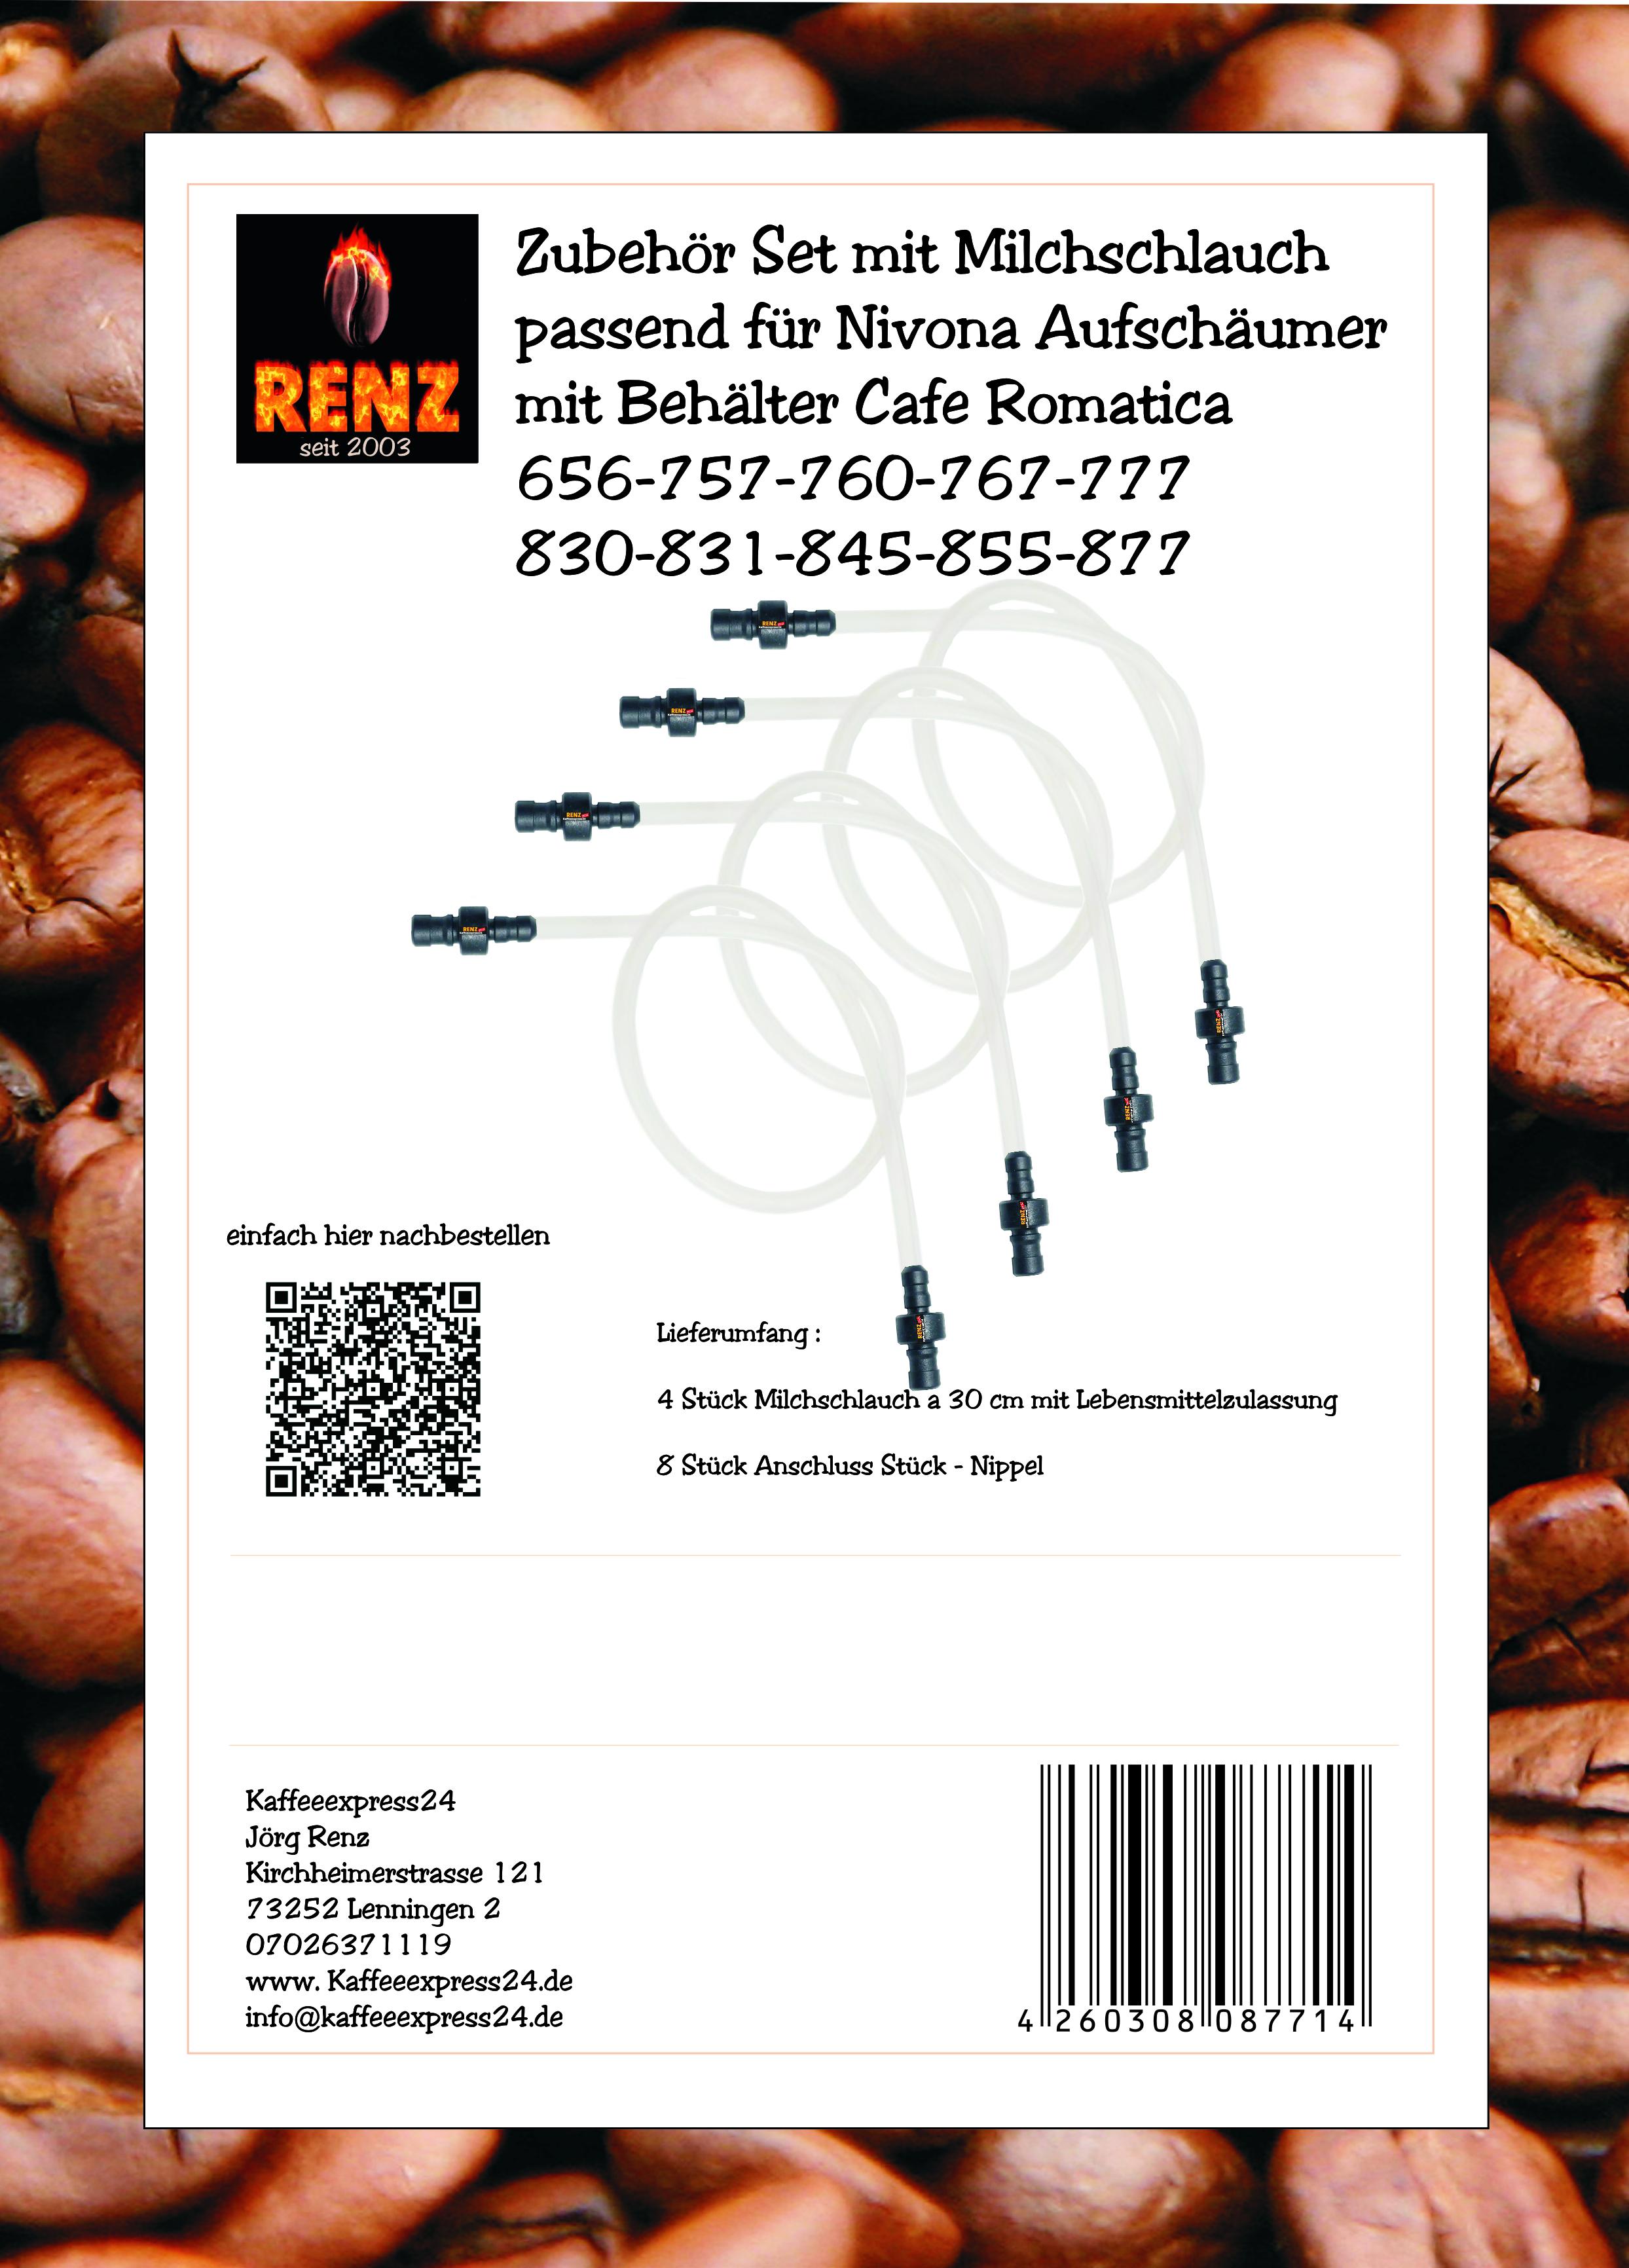 Zubehör Set mit Milchschlauch passend für Nivona Aufschäumer mit Behälter Cafe Romatica 656-757-760-